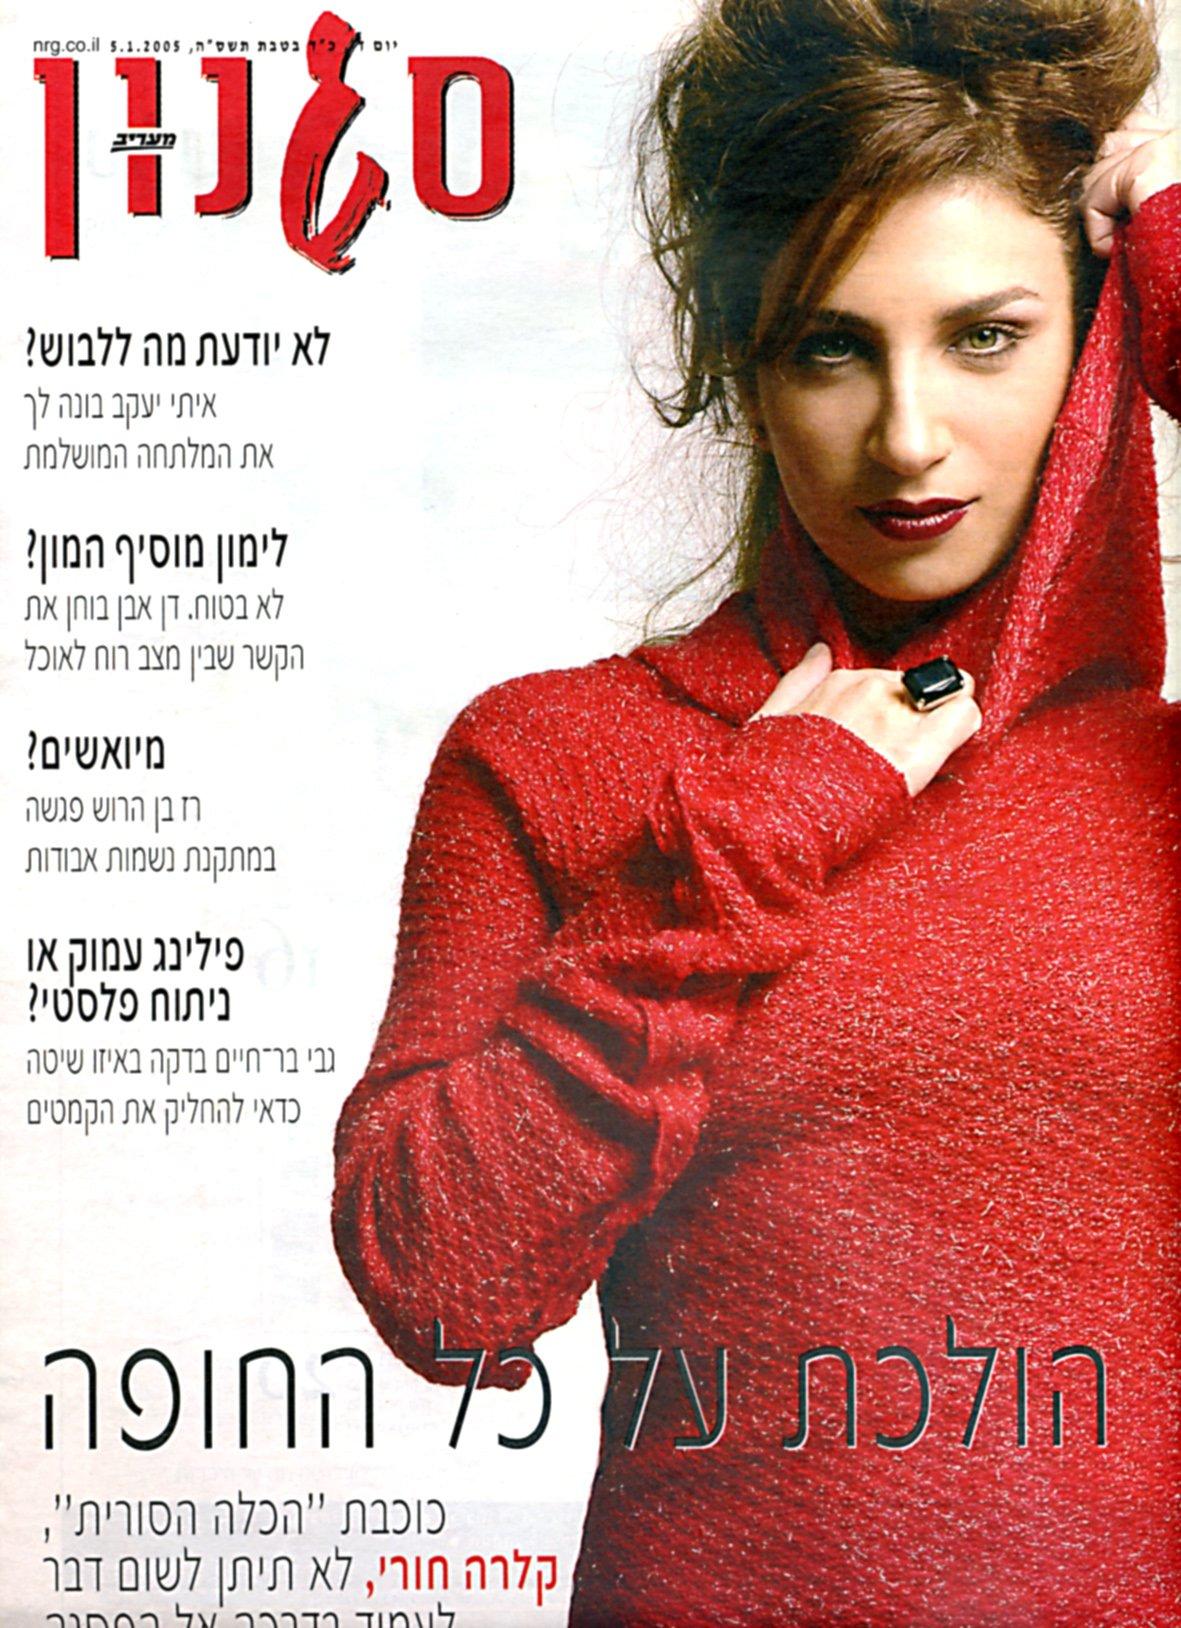 הפקות אופנה בתל אביב לימור חייל